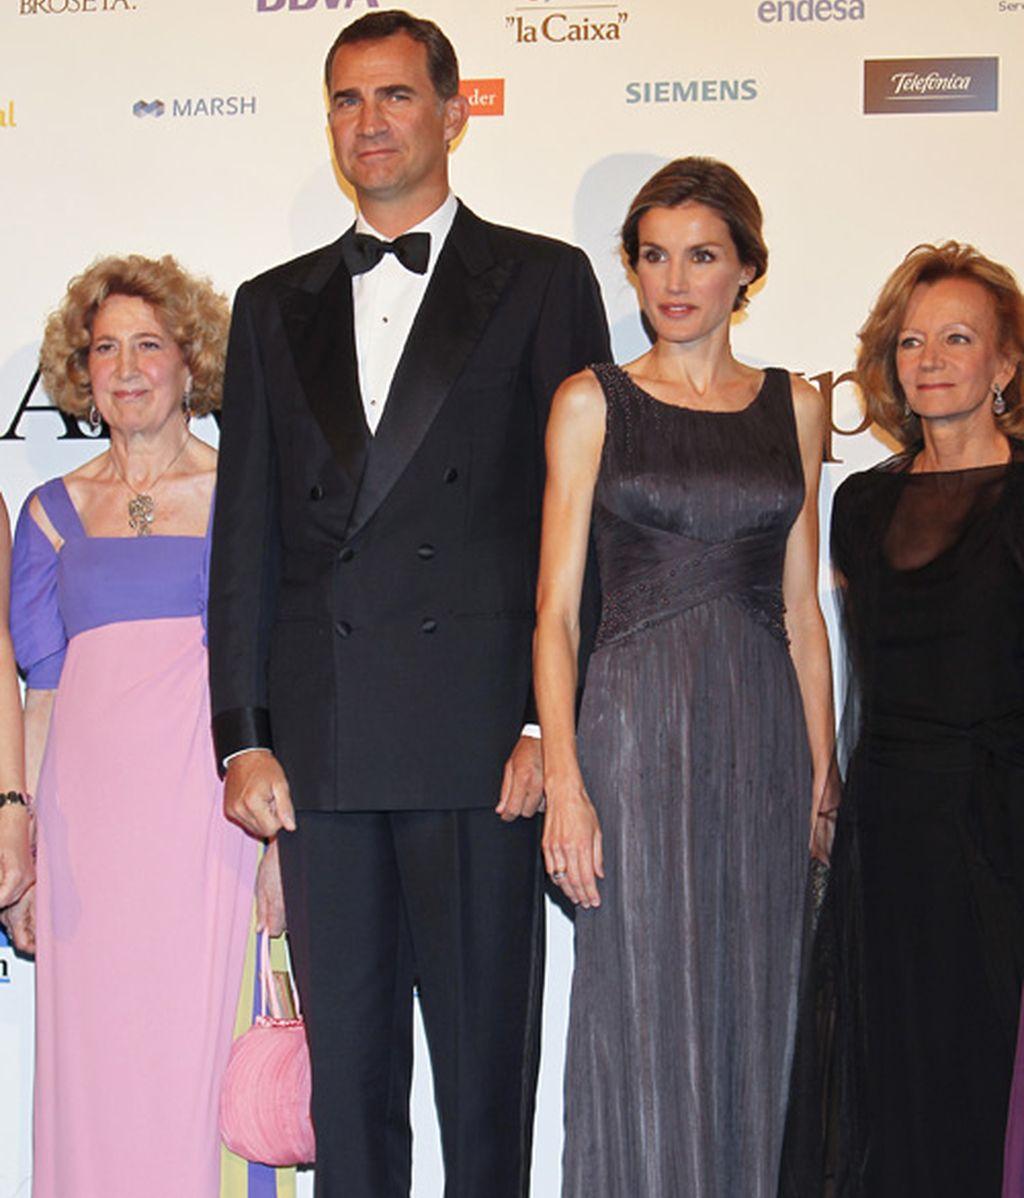 Letizia en la gala de Expansión